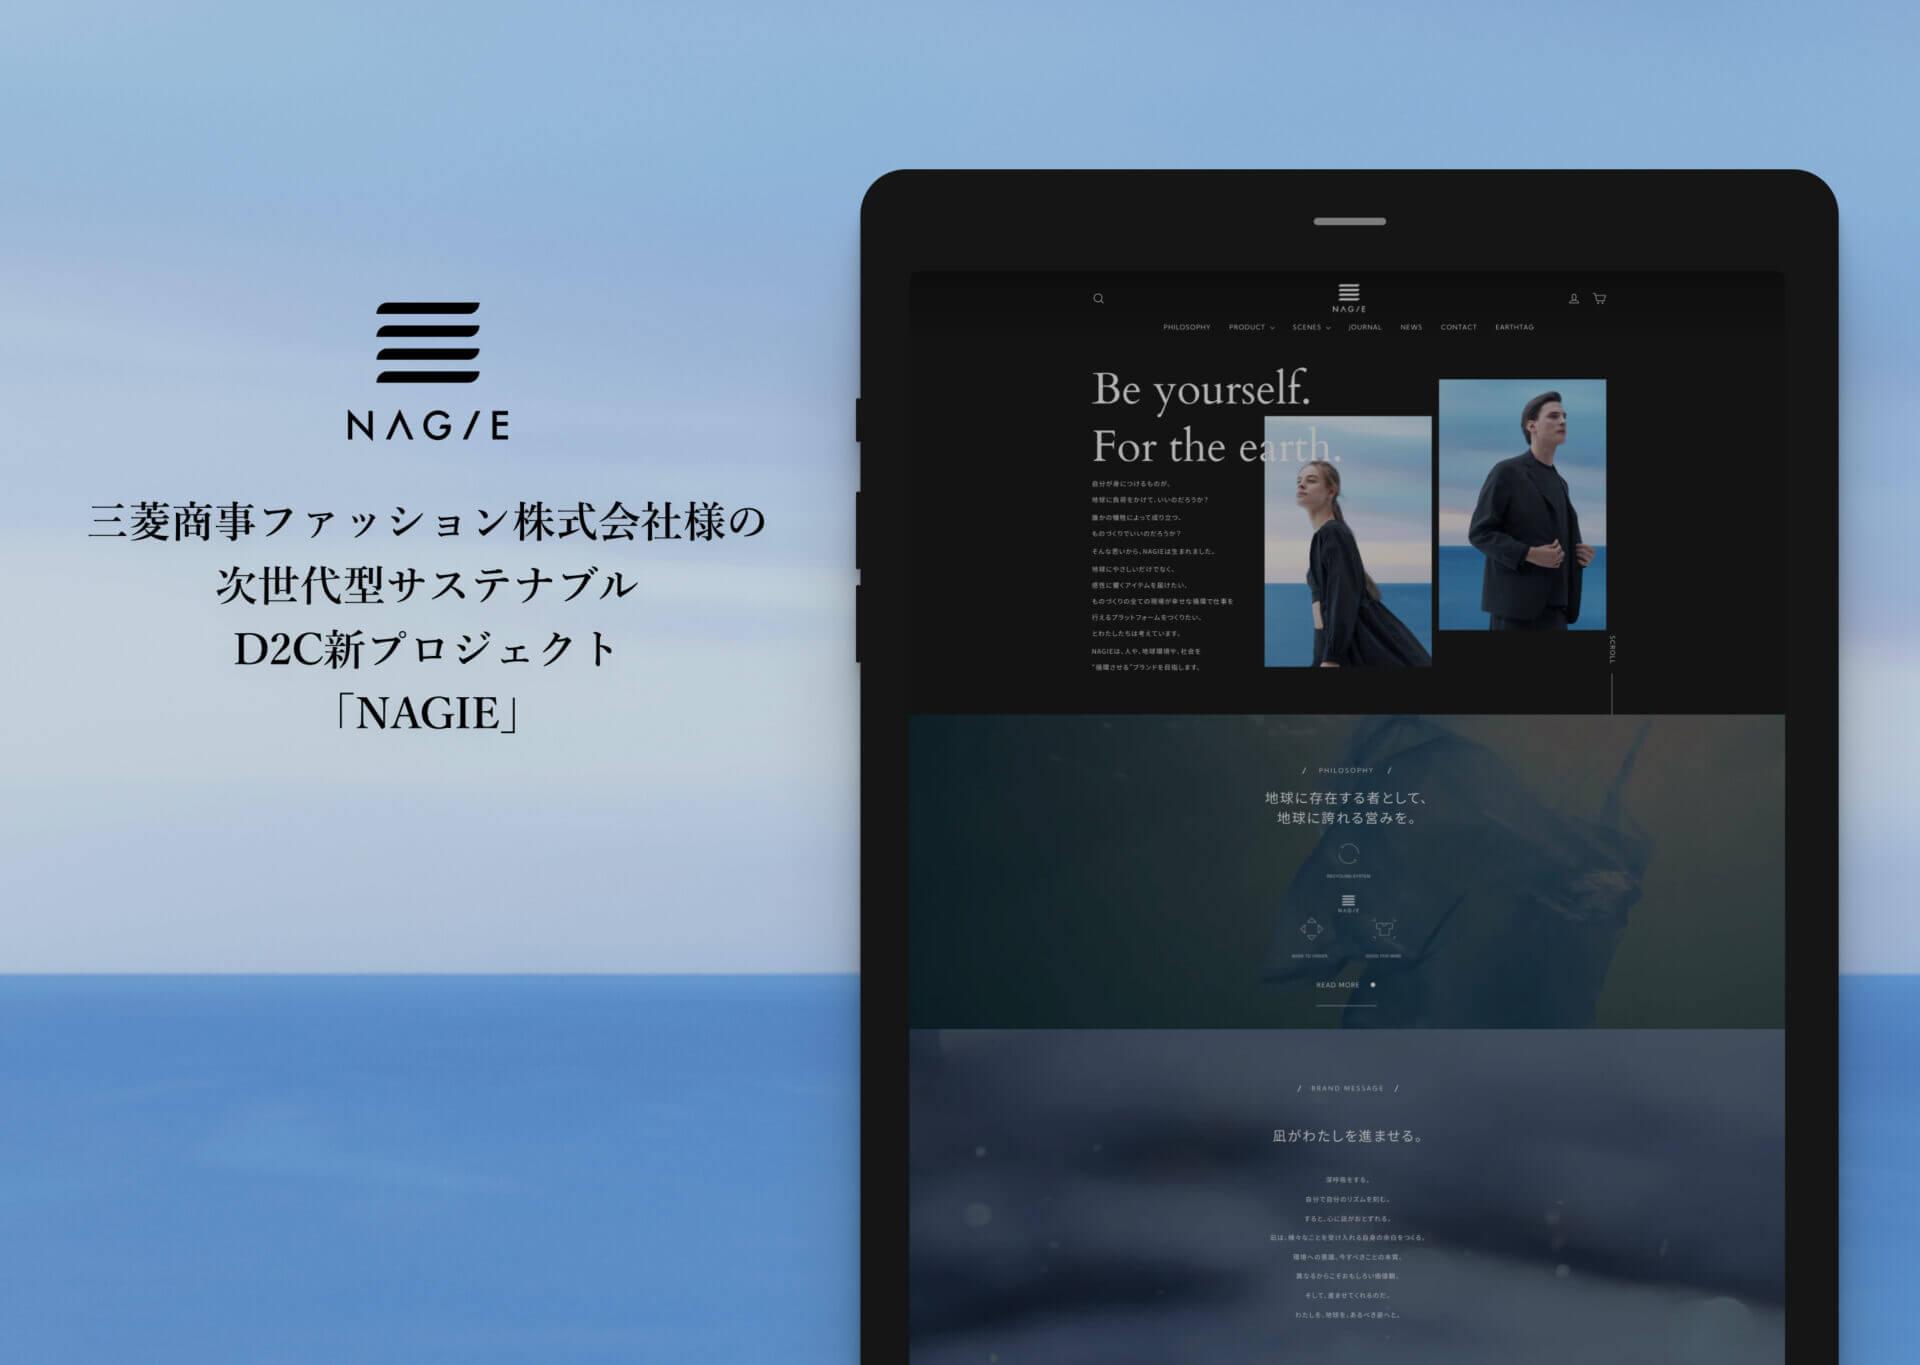 三菱商事ファッション株式会社様|次世代型サステナブルD2C新プロジェクト「NAGIE」ECサイト開発